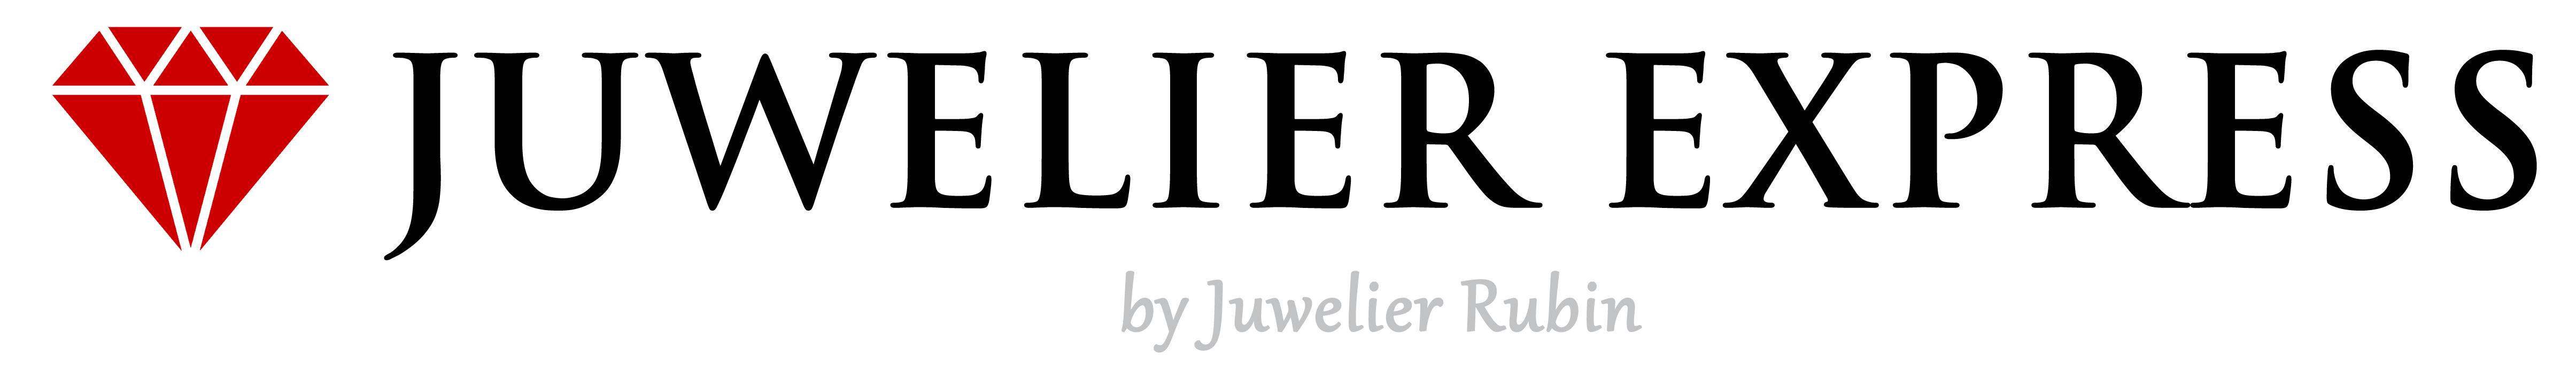 Juwelier Express – Offizieler Store für Trauringe, Uhren & Schmuck